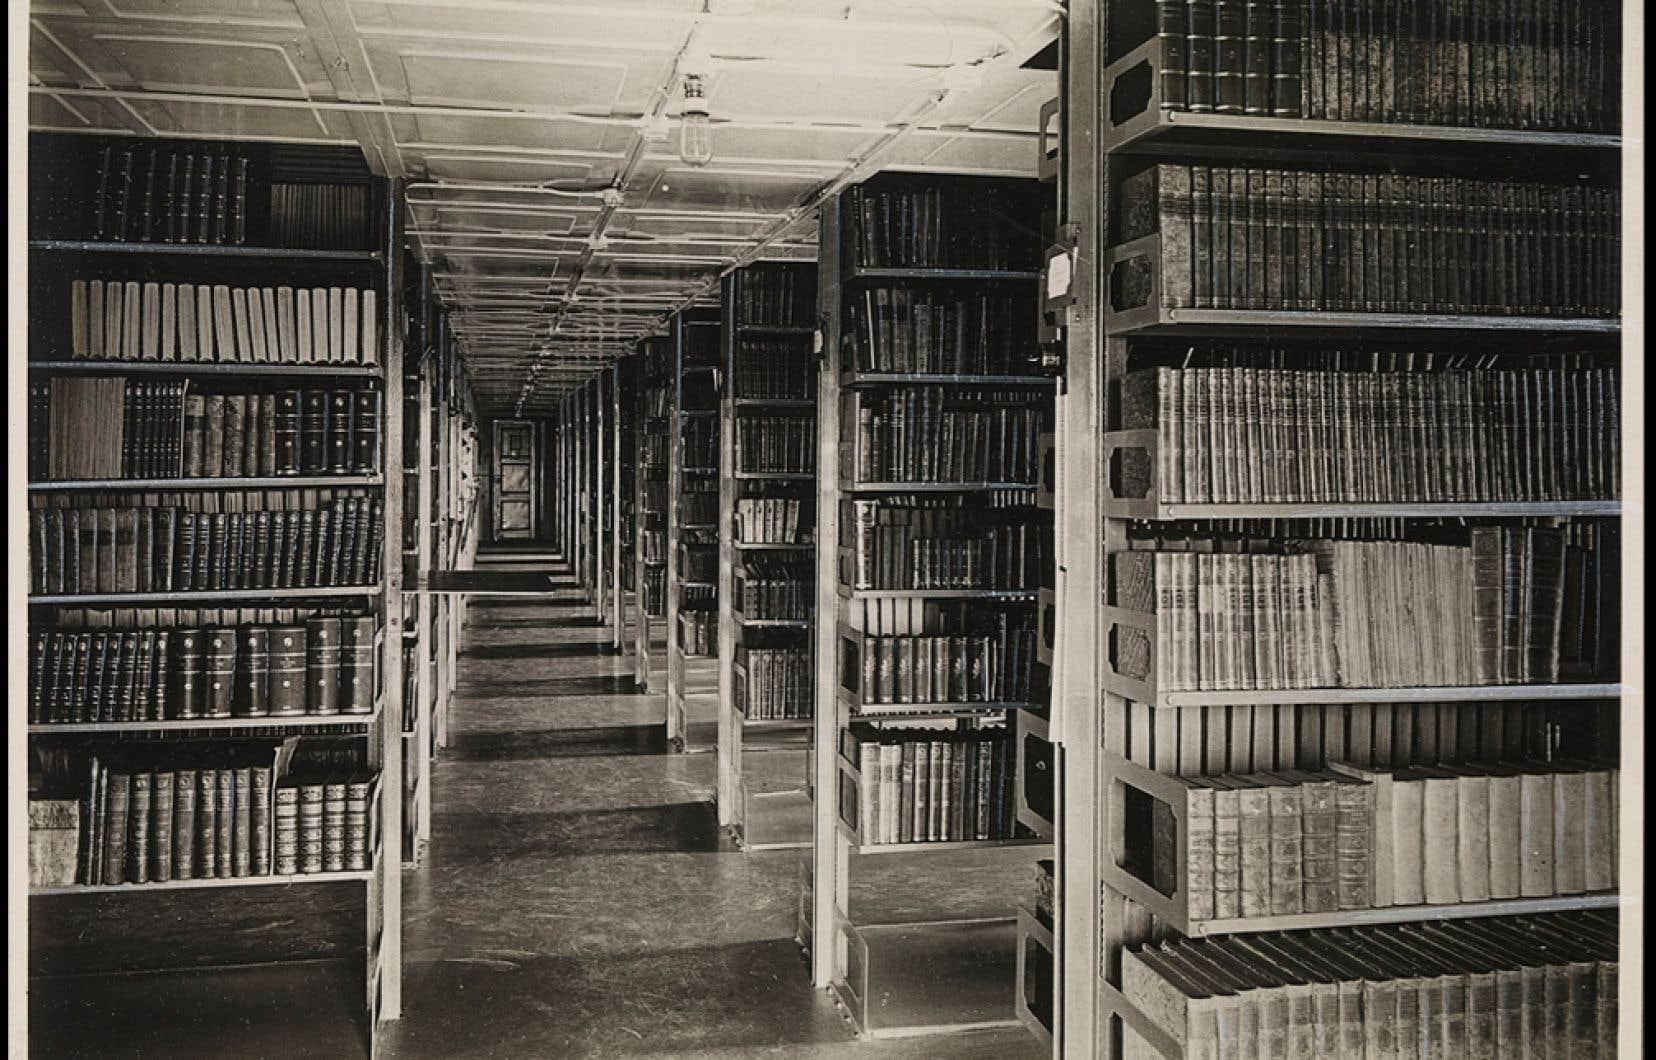 Rayonnage de livres de la Bibliothèque nationale de Norvège en 1914